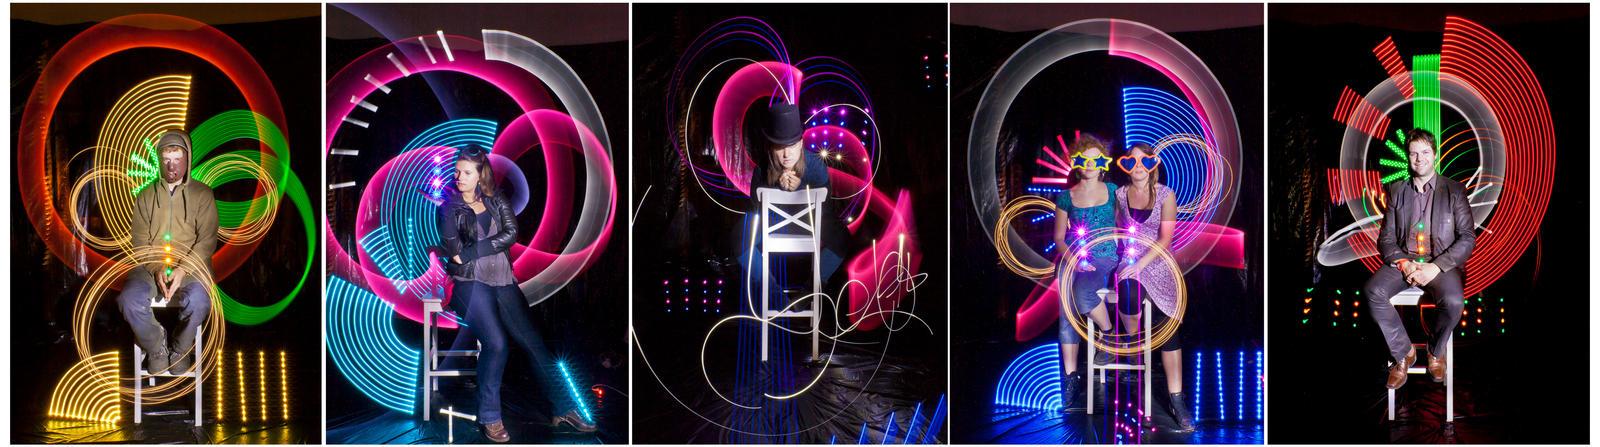 livelights2012 by FrancoisLDR